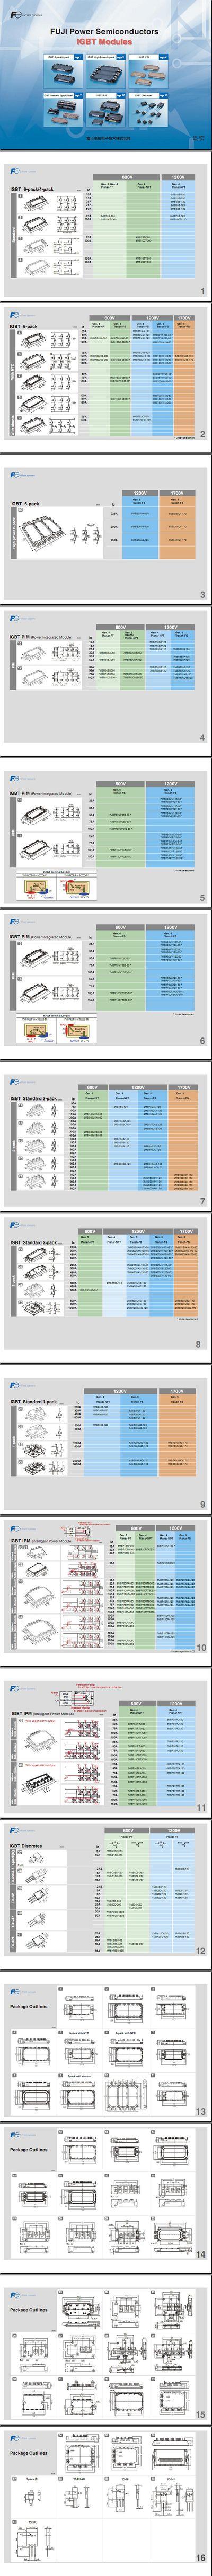 富士IGBT模块资料、富士IGBT PDF文件。变频器专用富士模块